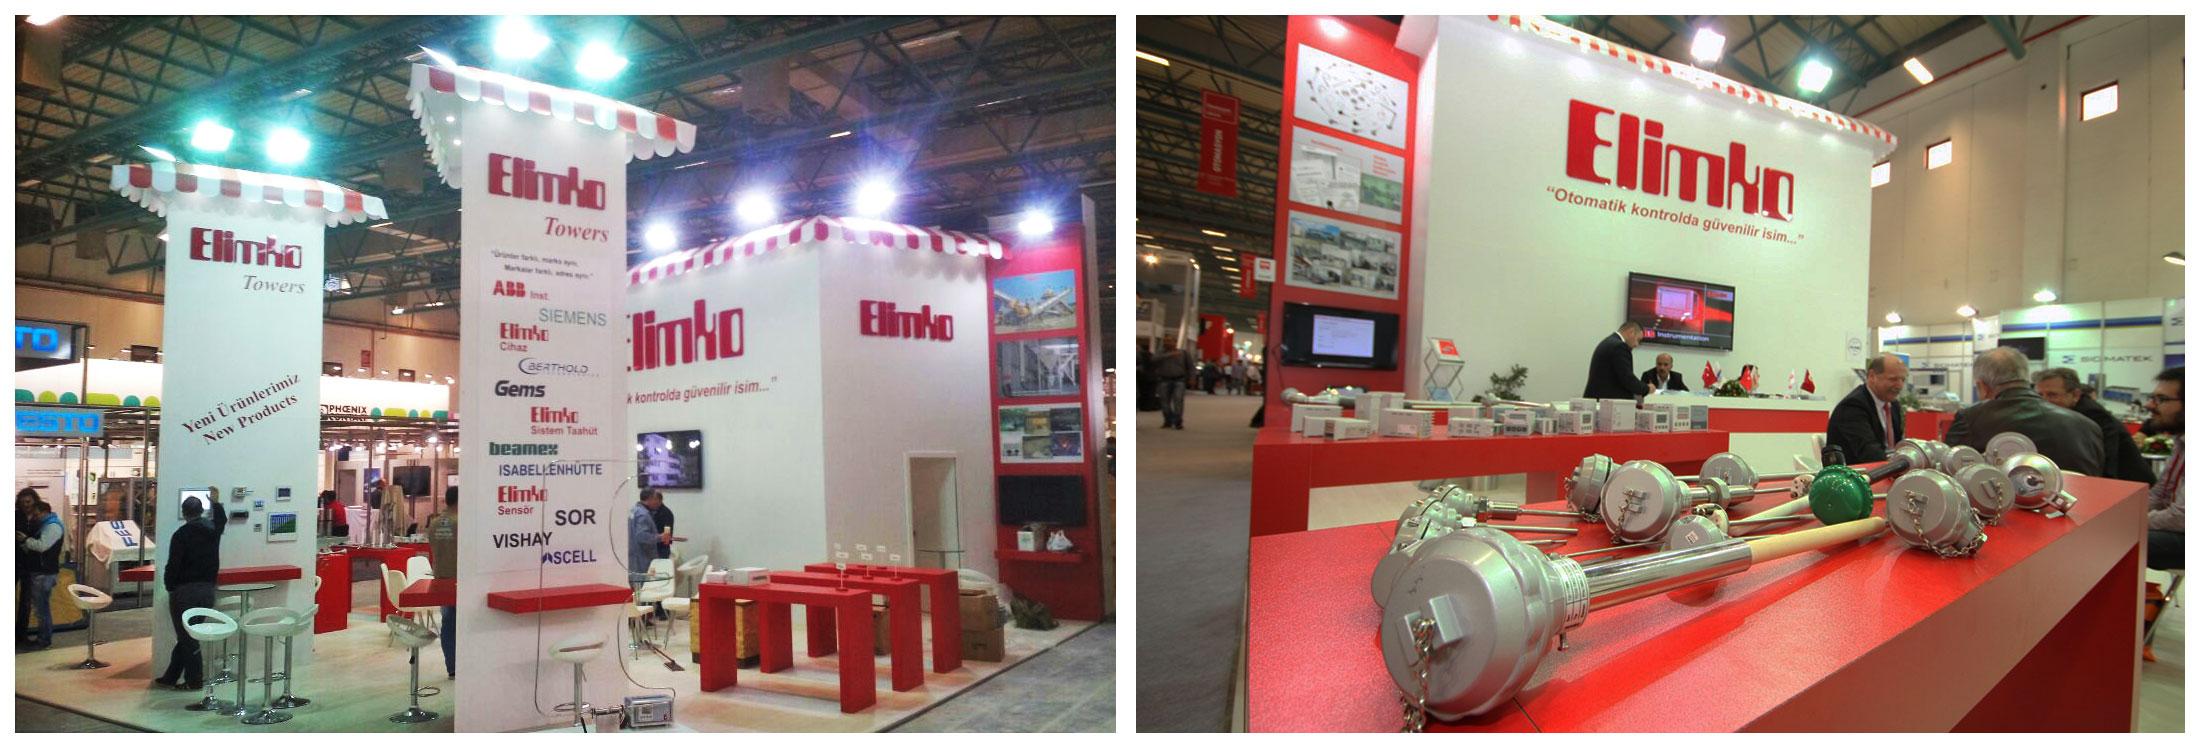 Elimko Exhibition Stand Design Photo by GriofisMimarlik